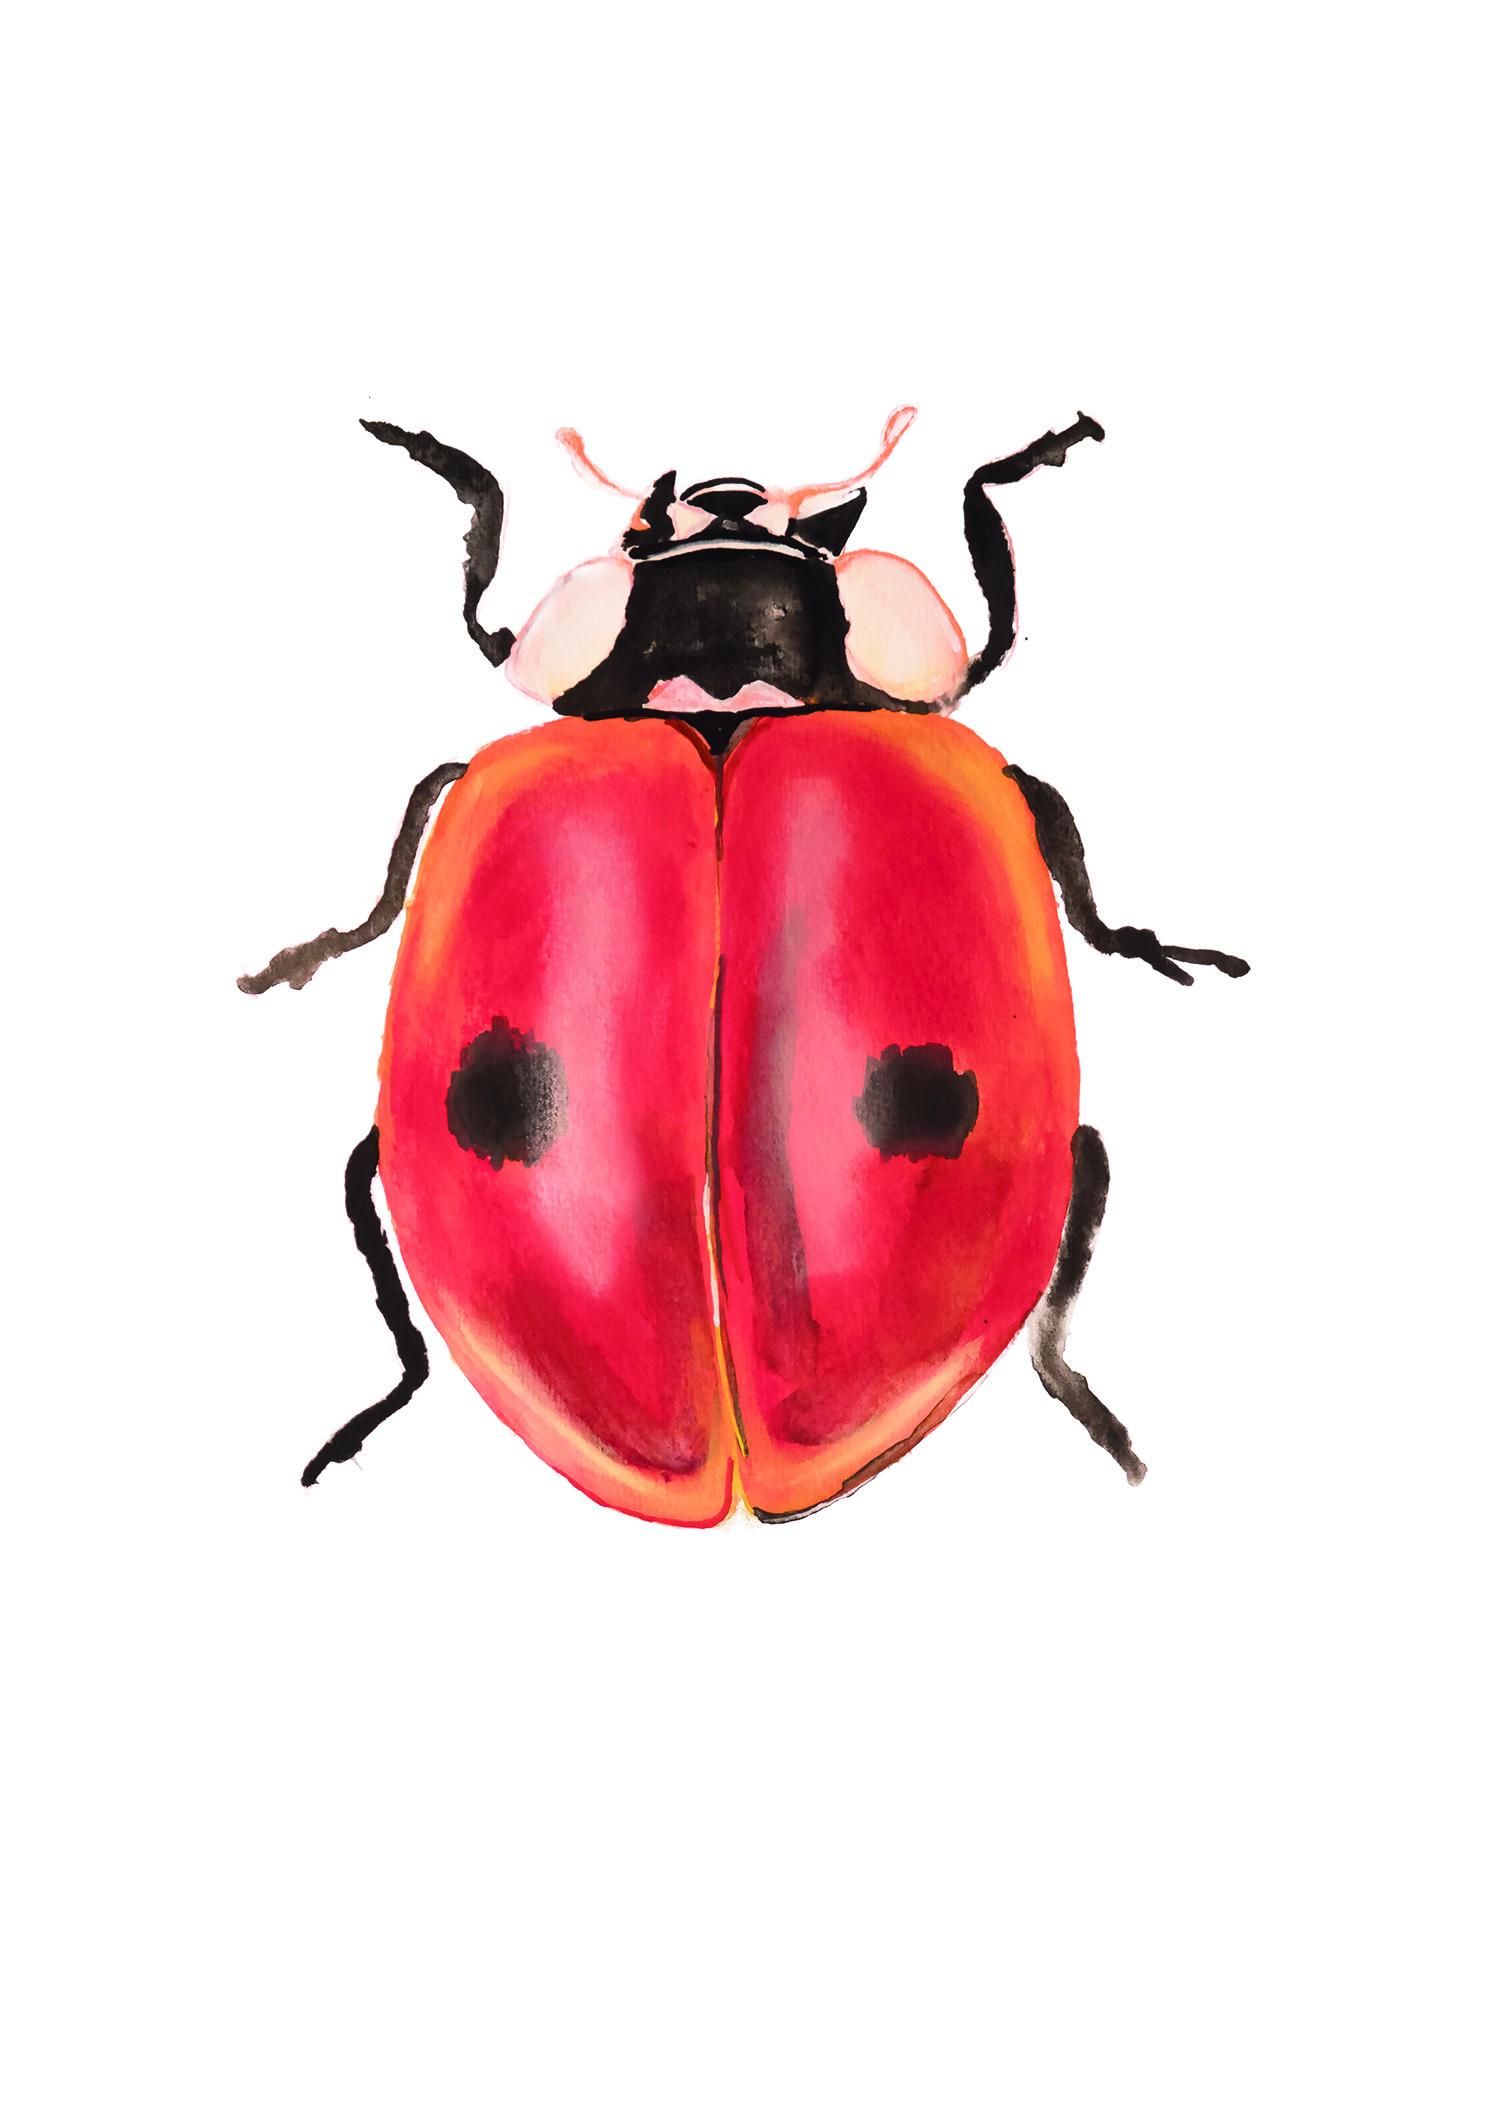 lieve heersbeest Ladybird, Natuurlijk Angelart, Angela Peters. Illustraties inkt Aquarel